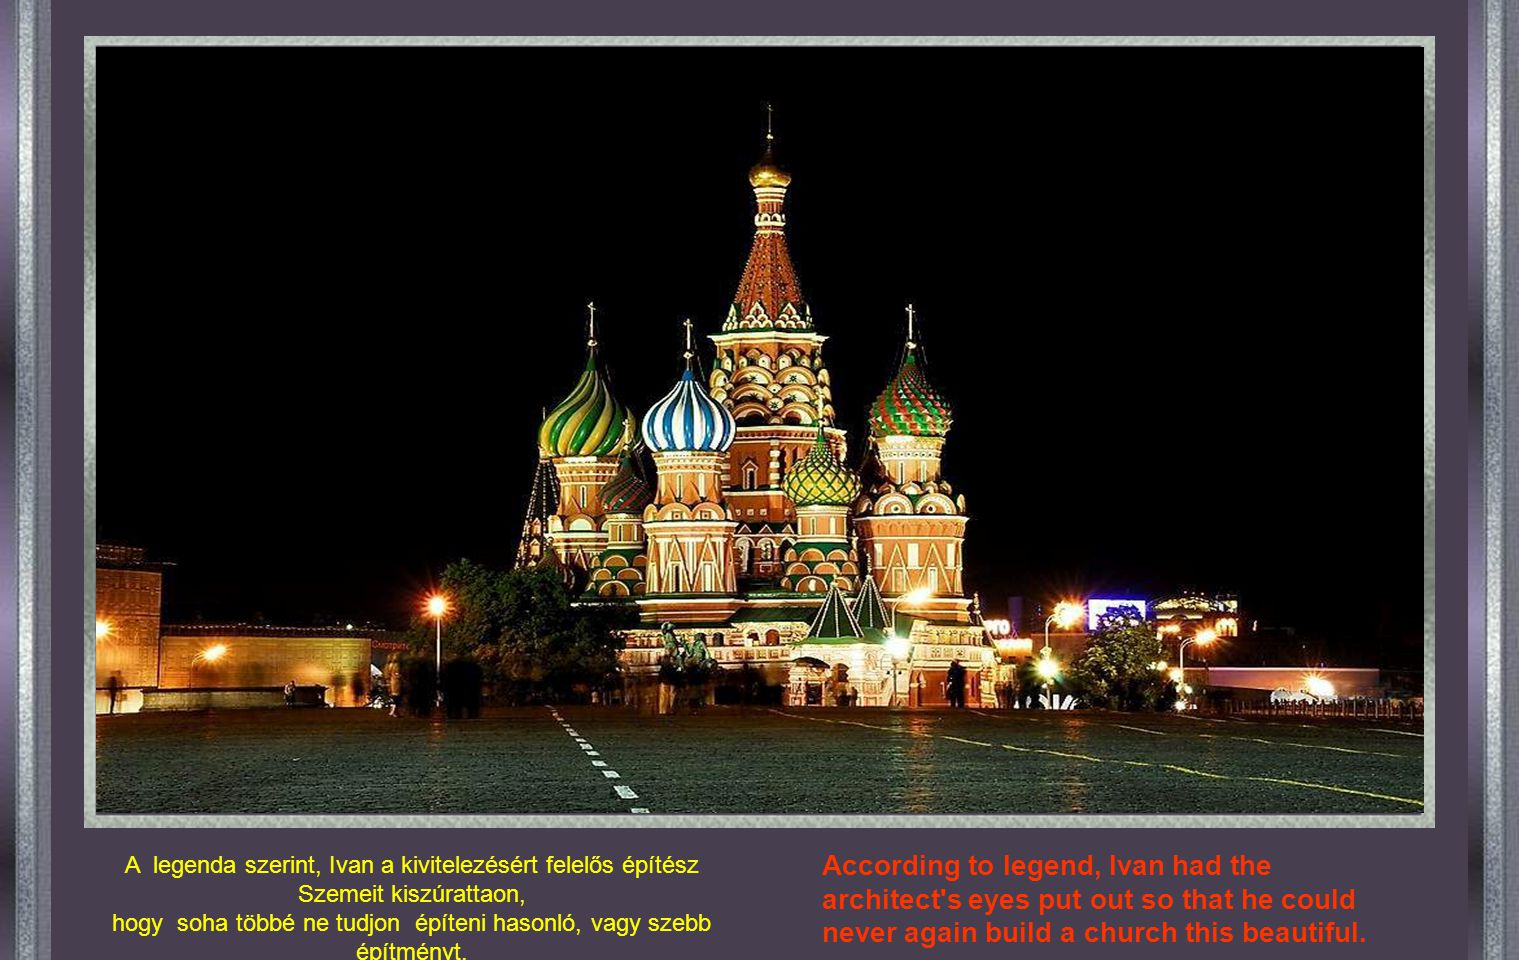 A legenda szerint, Ivan a kivitelezésért felelős építész Szemeit kiszúrattaon, hogy soha többé ne tudjon építeni hasonló, vagy szebb építményt.